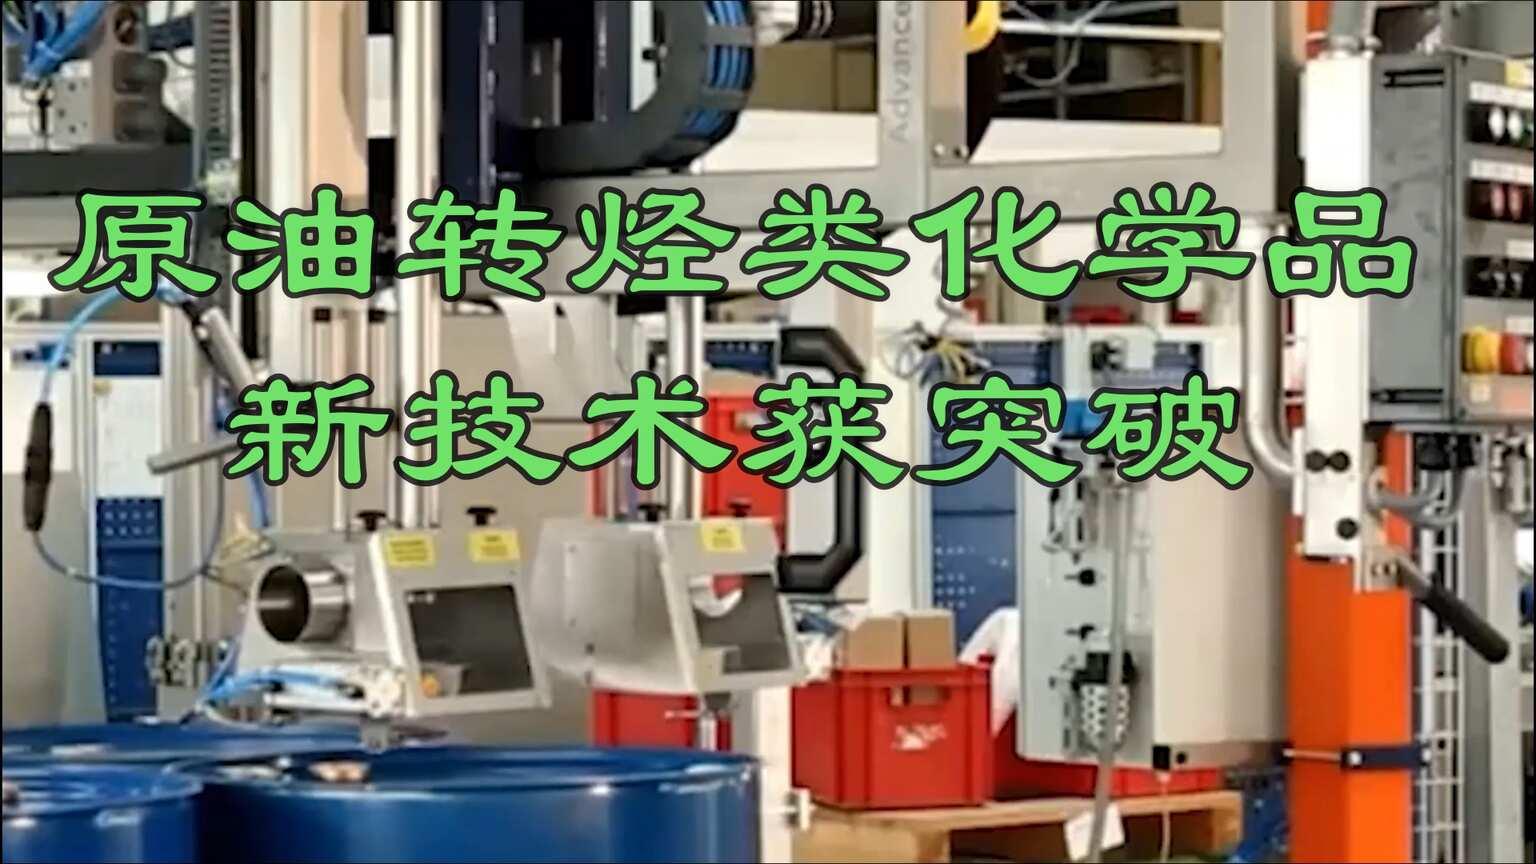 原油直转烃类化学品新技术获突破,我国成行业领先者